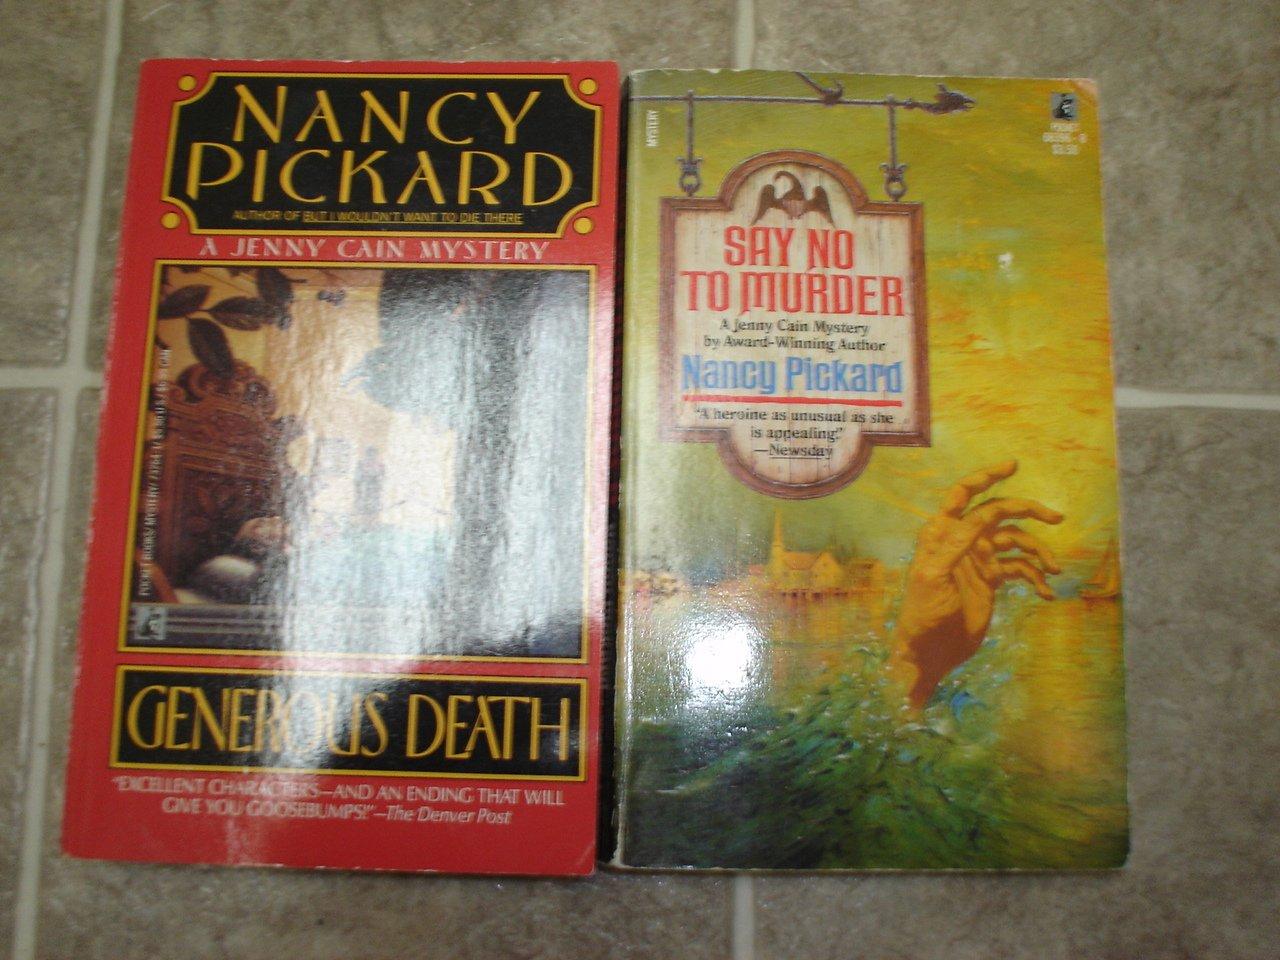 Nancy Pickard Lot of 2 pb mystery books cozy Jenny Cain